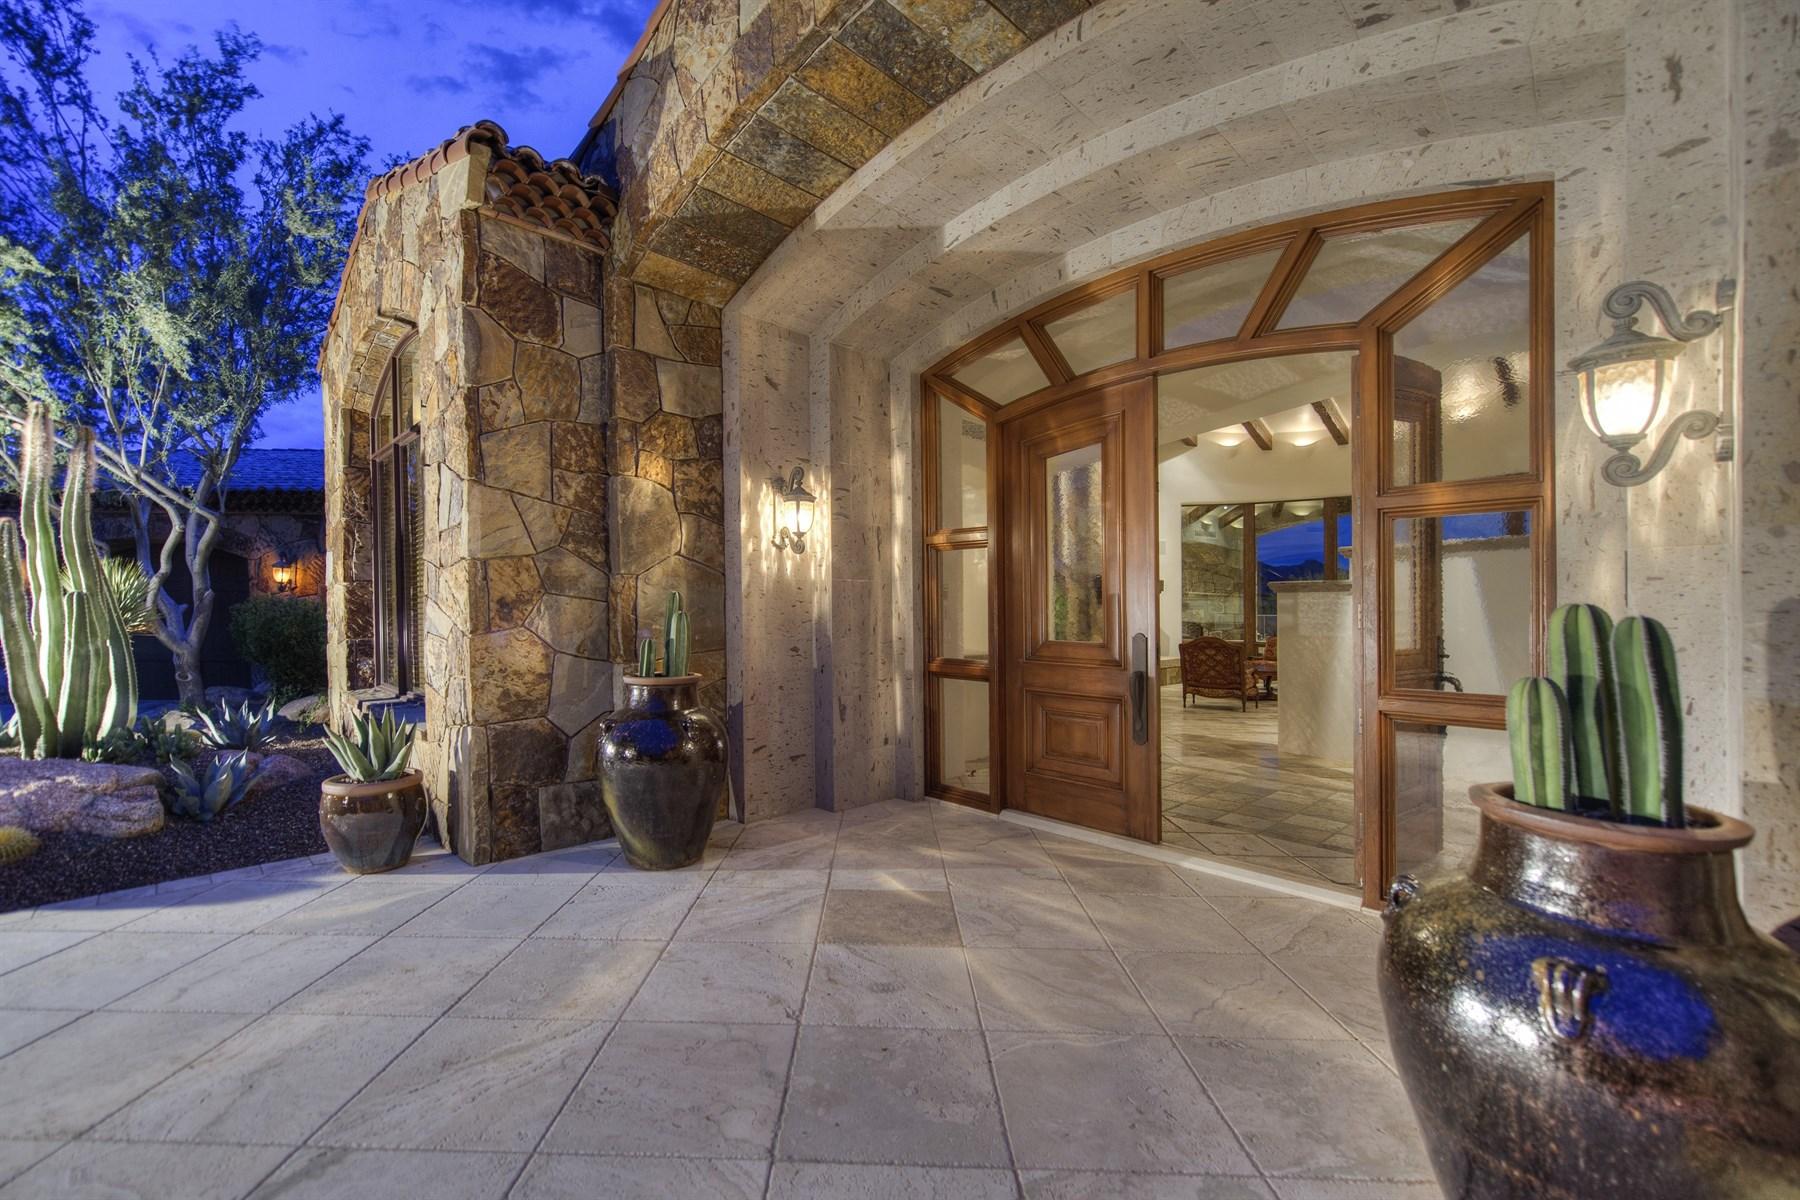 Einfamilienhaus für Verkauf beim Award-winning Builder and Architect combine to create an exquisite residence 7552 E Whisper Rock Trl Scottsdale, Arizona 85266 Vereinigte Staaten